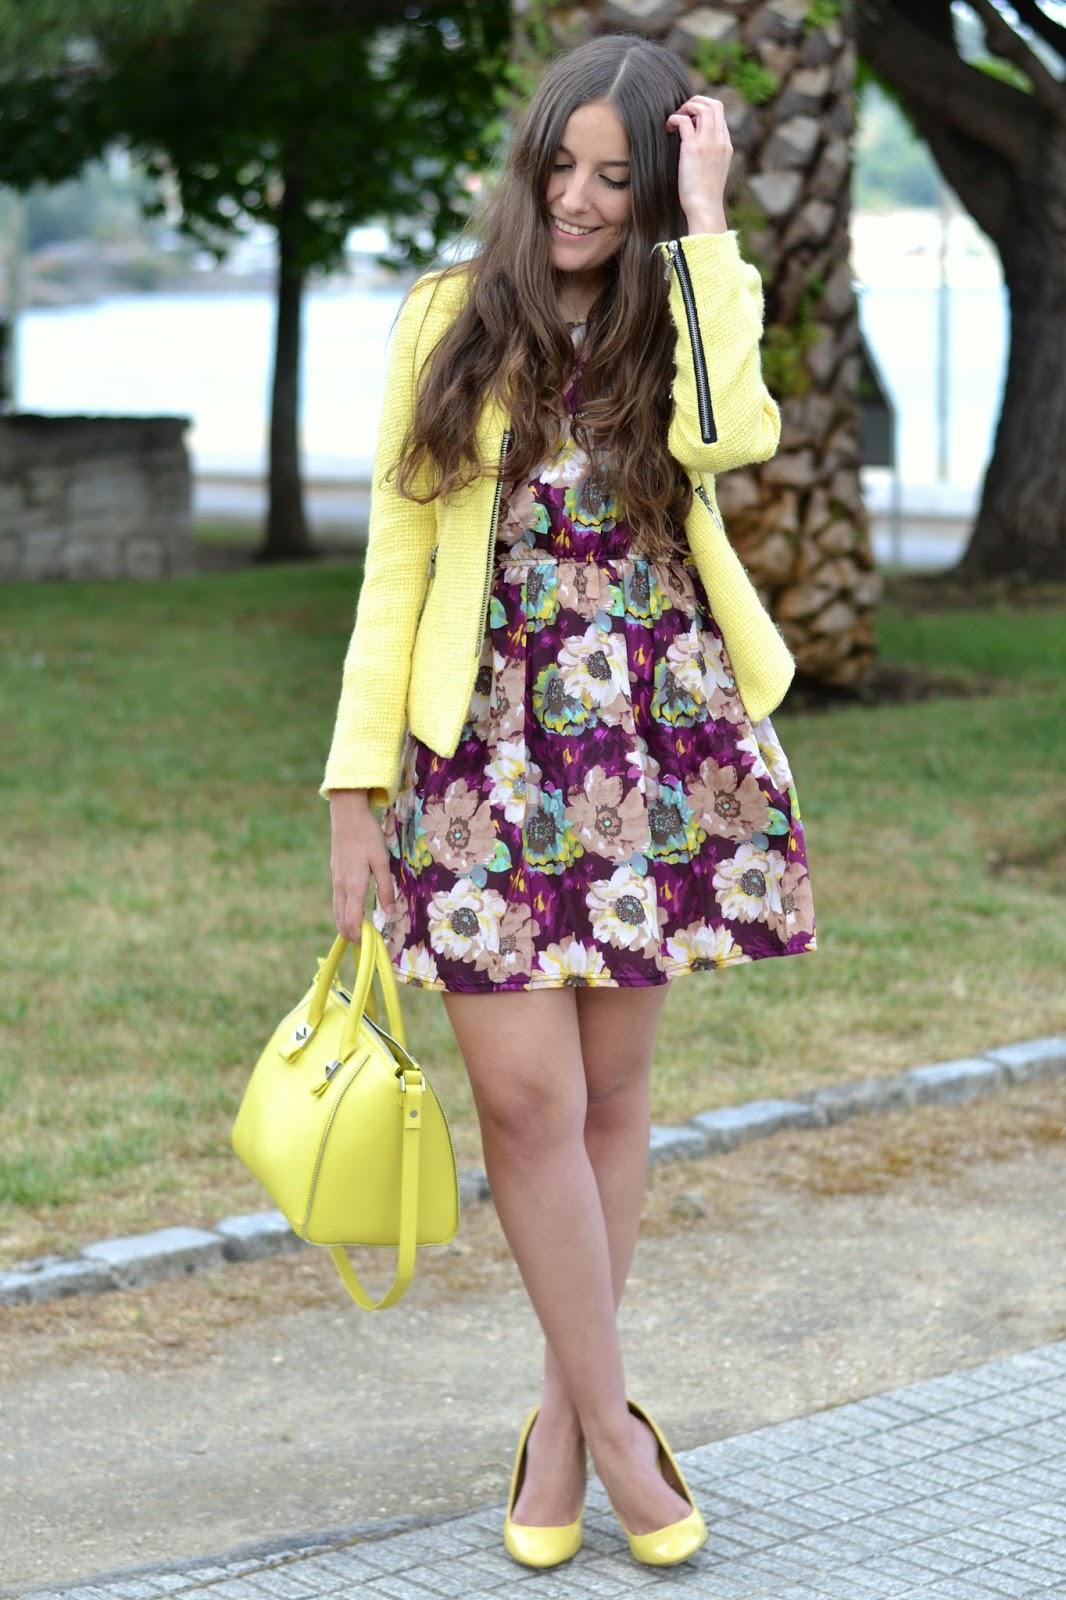 combinar zapatos, bolso y chaqueta amarillos